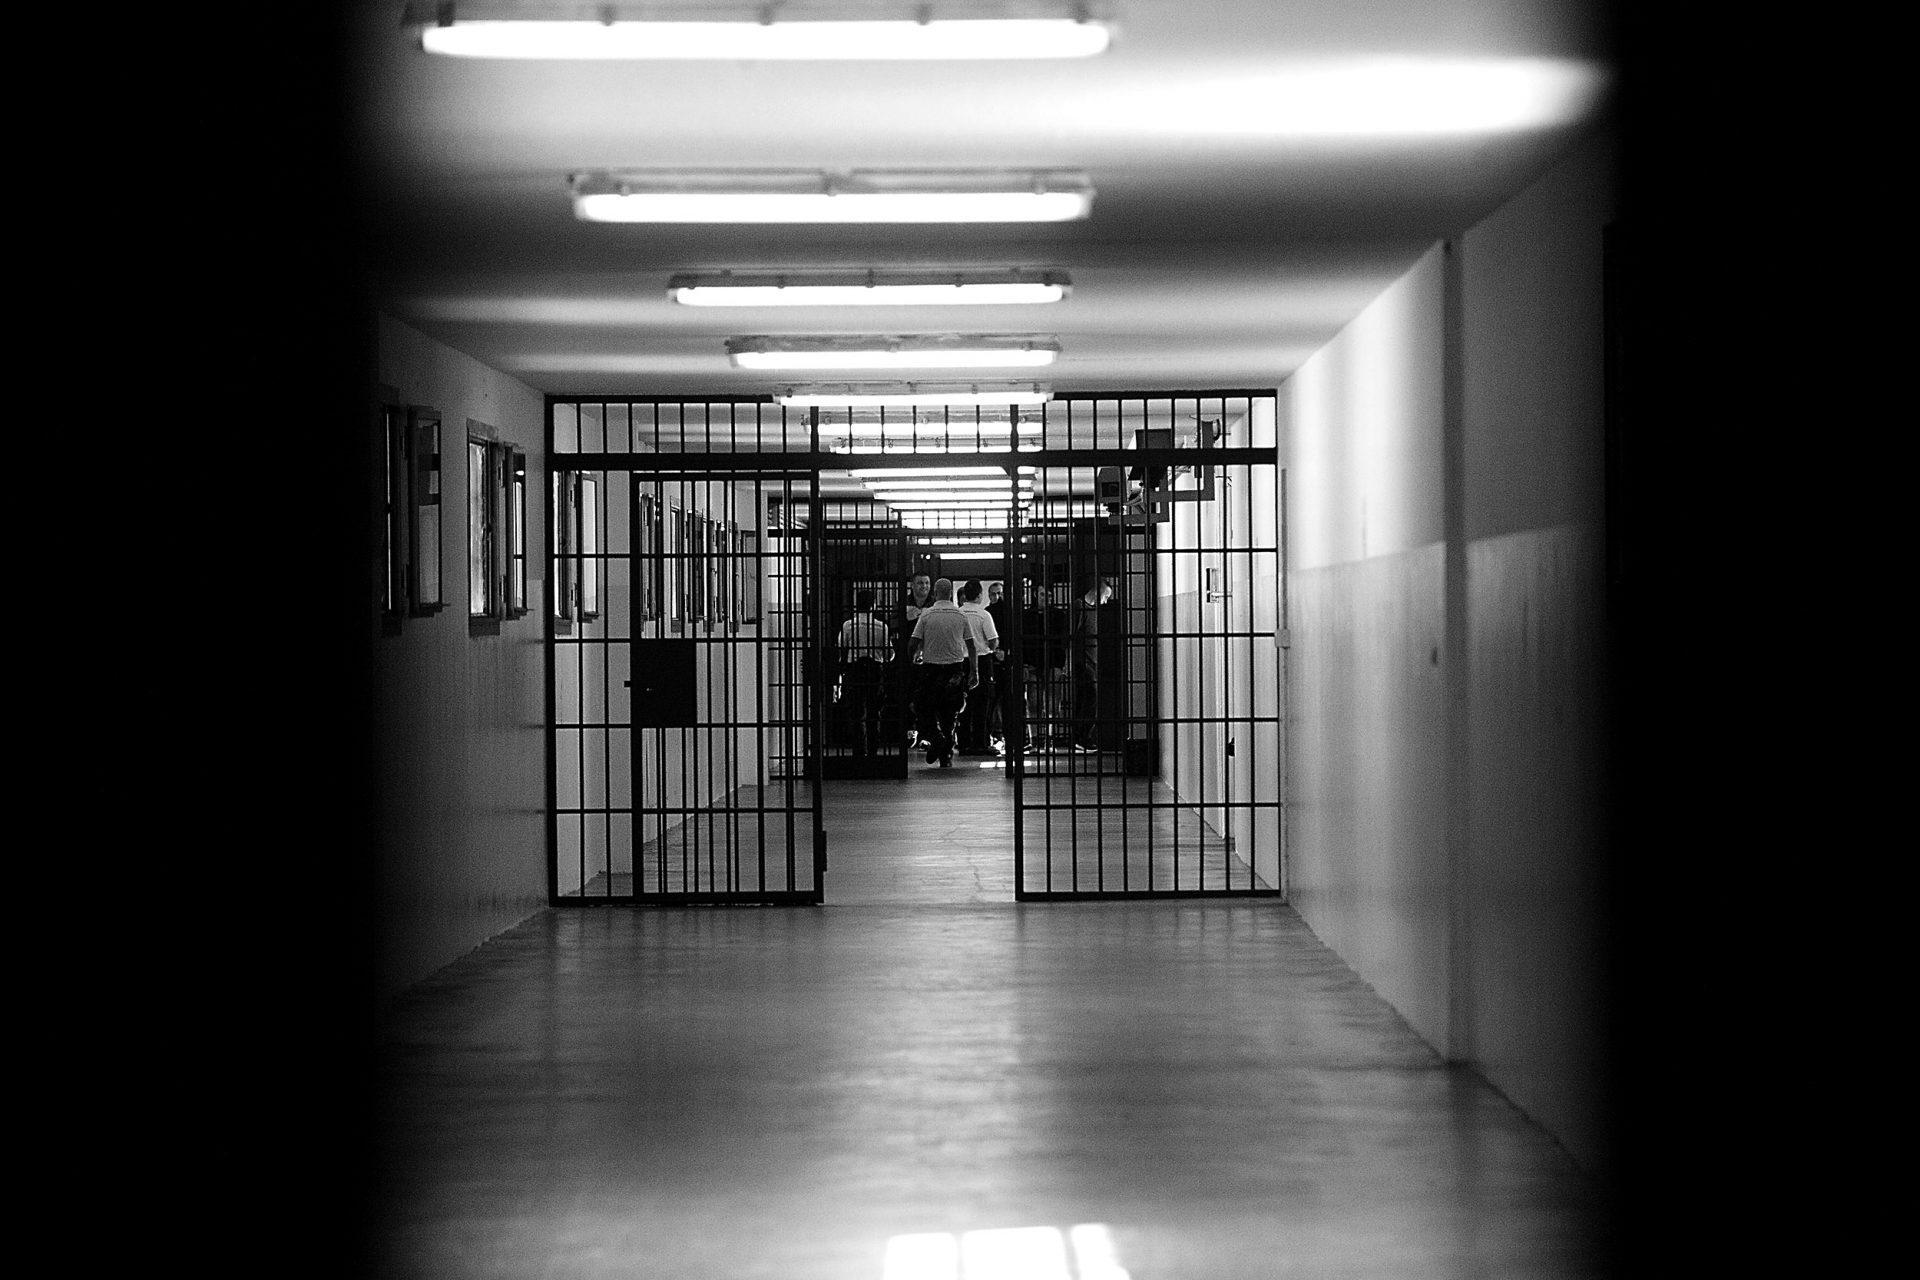 L' emergenza carceraria ai tempi della Covid-19, l'art. 123 d.l. cura Italia: profili critici